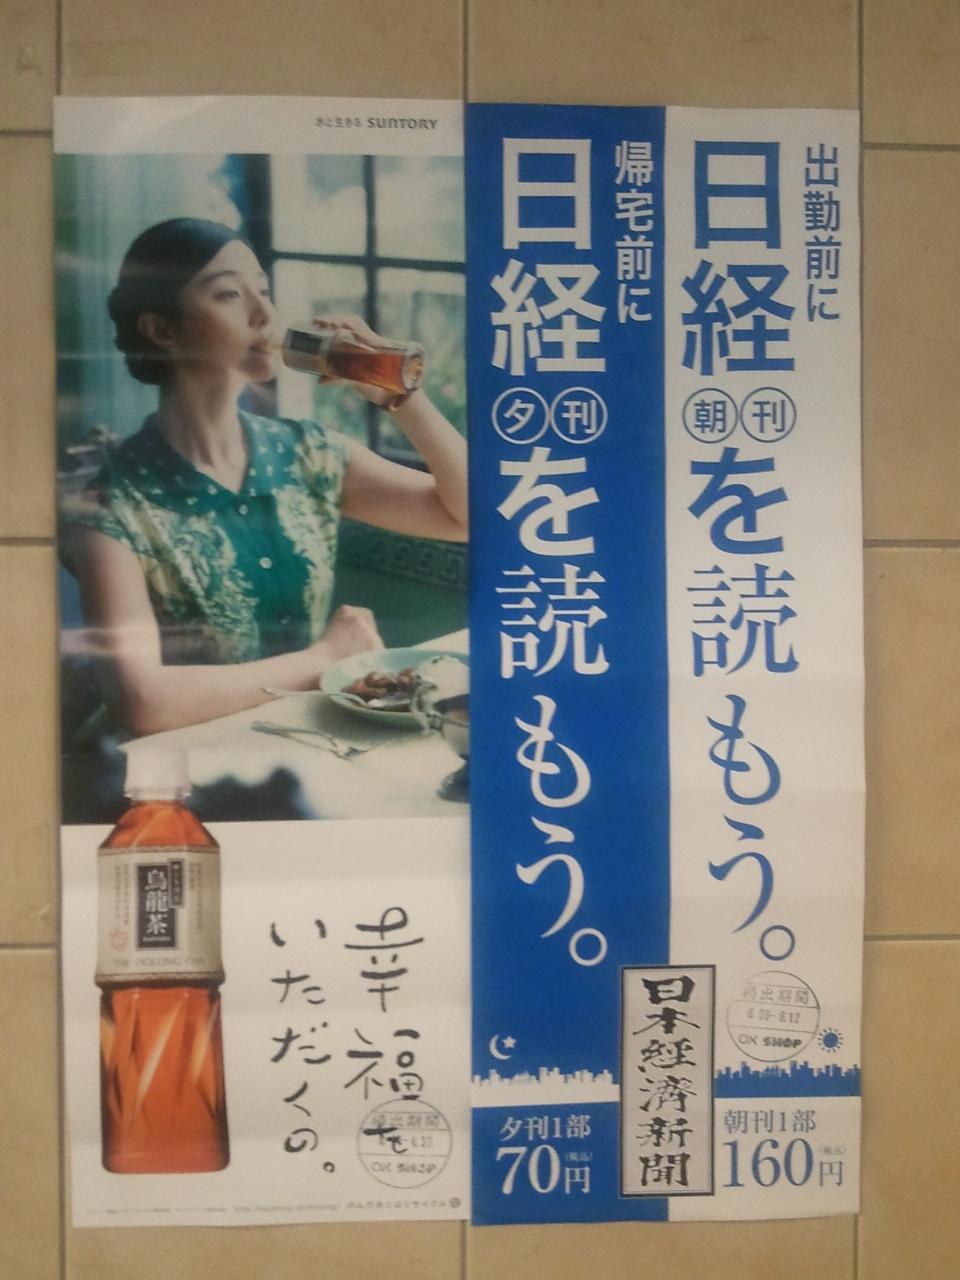 日経と烏龍茶のコラボ?